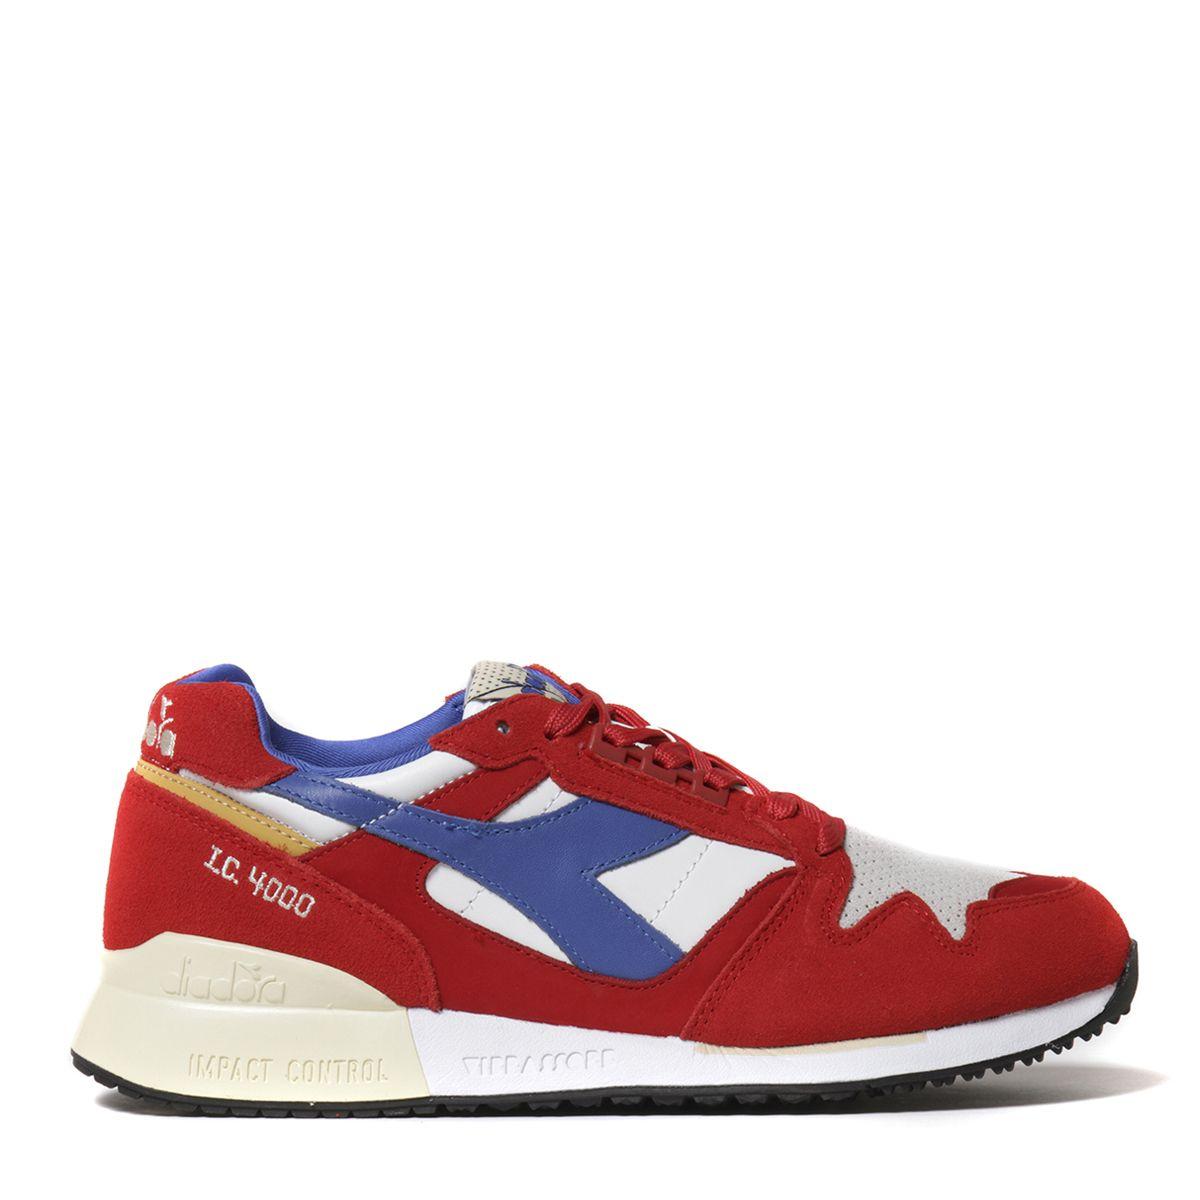 diadora sneakers - photo #22